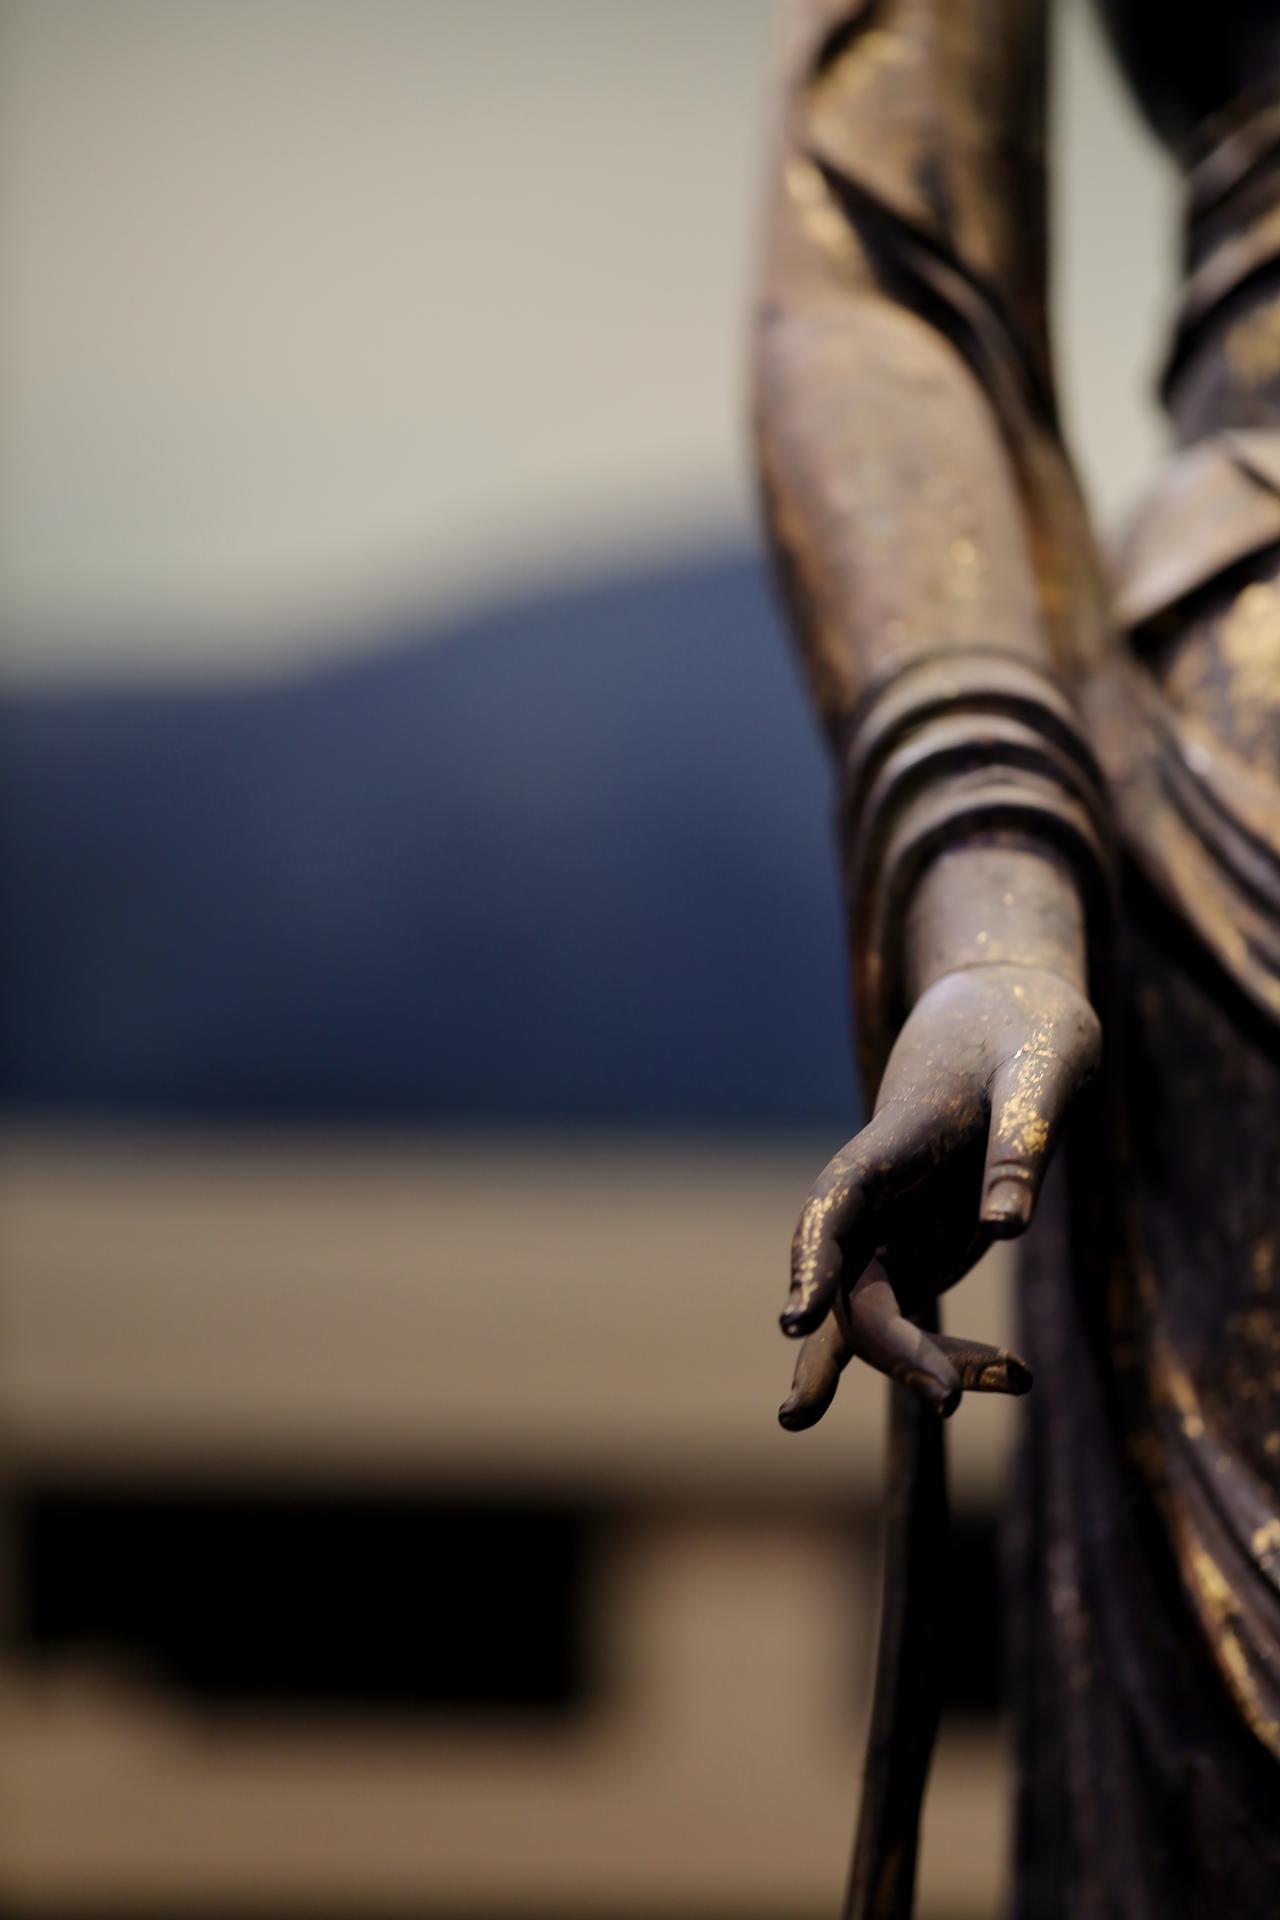 画像: 国宝 十一面観音菩薩立像 (部分・右手)奈良時代・8世紀 奈良・聖林寺蔵